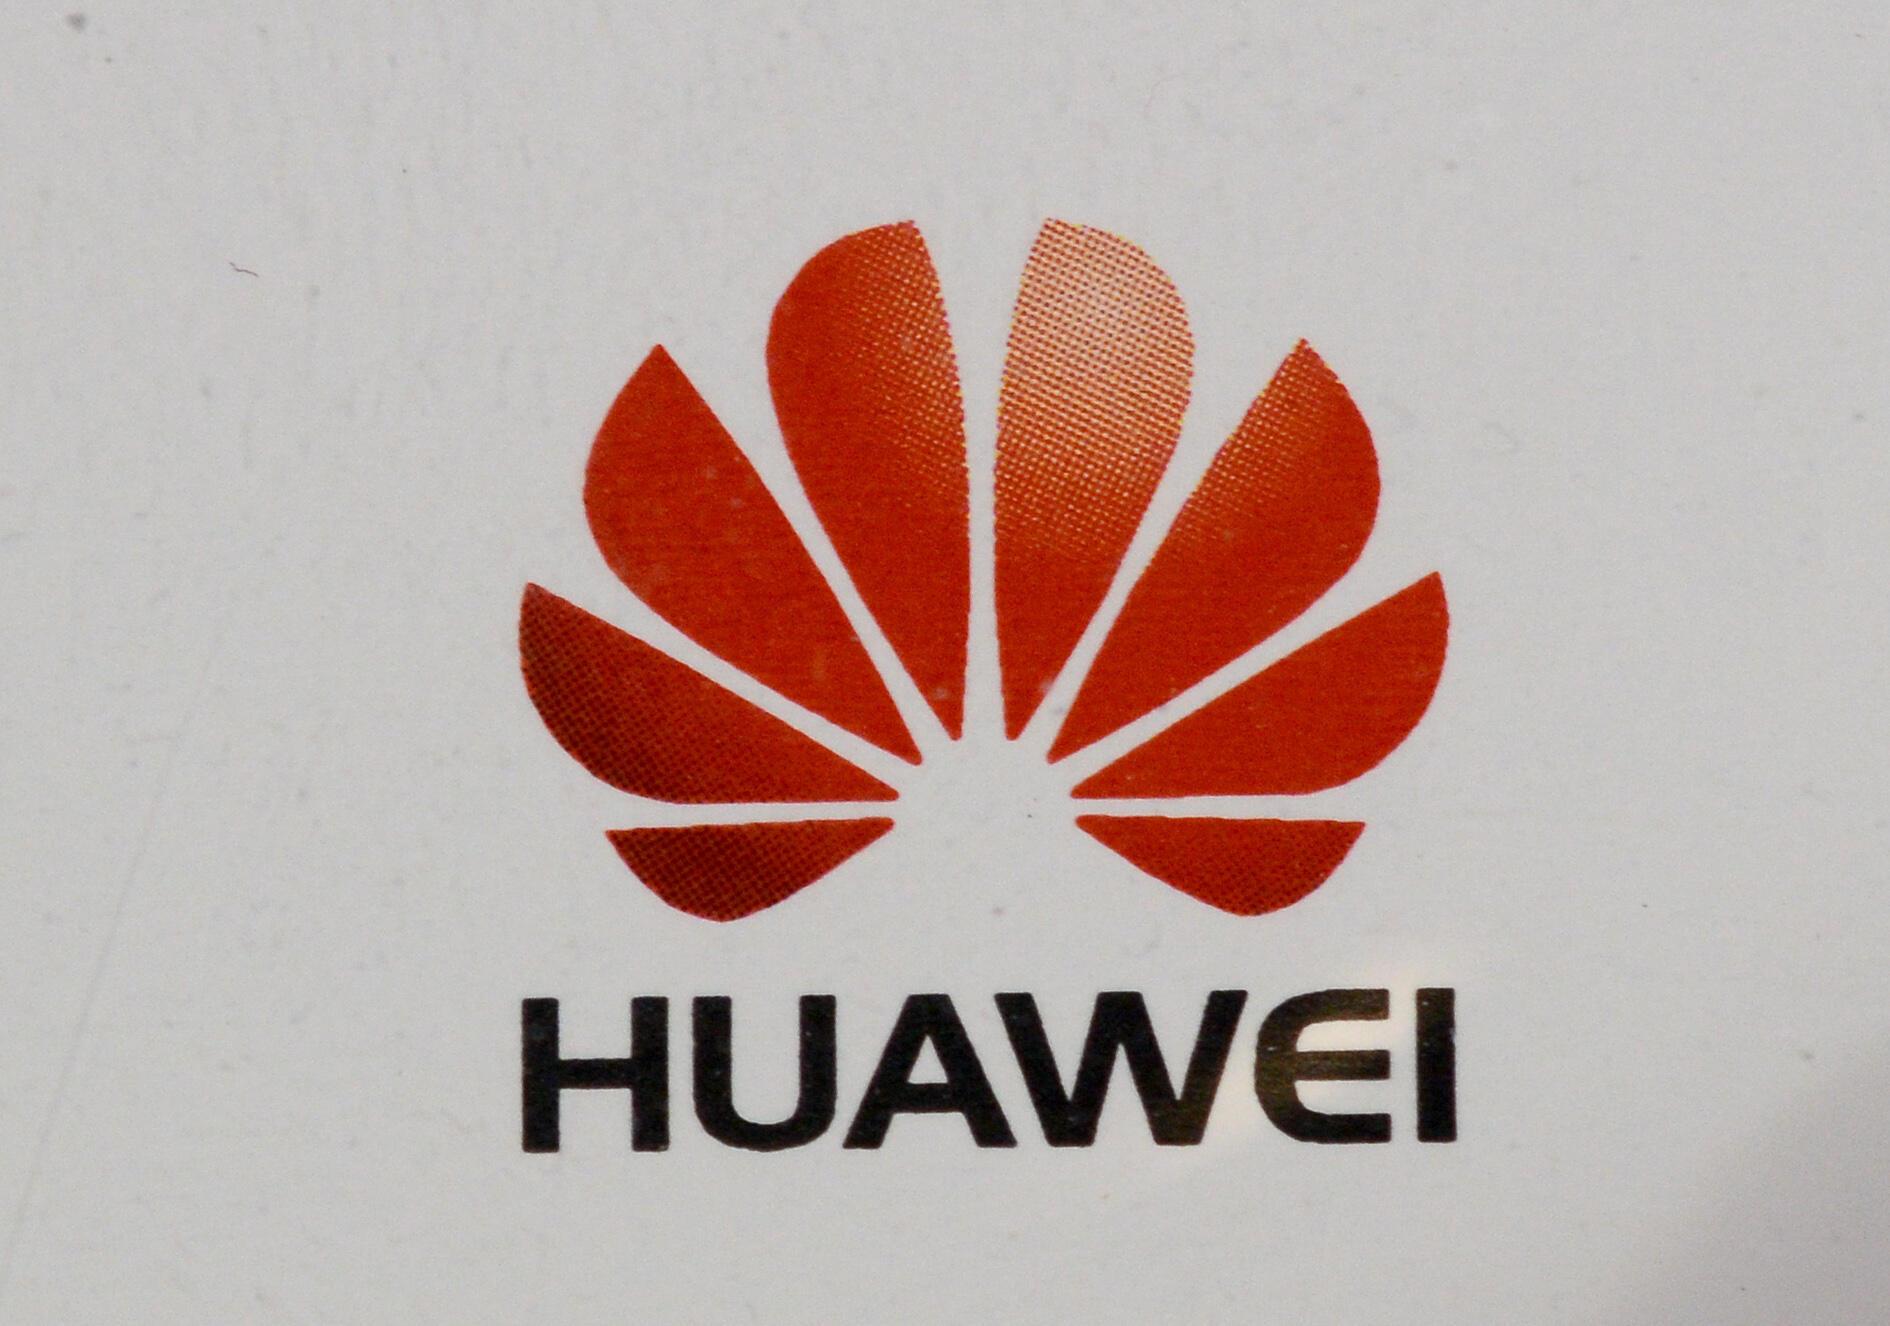 E中国华为企业标识